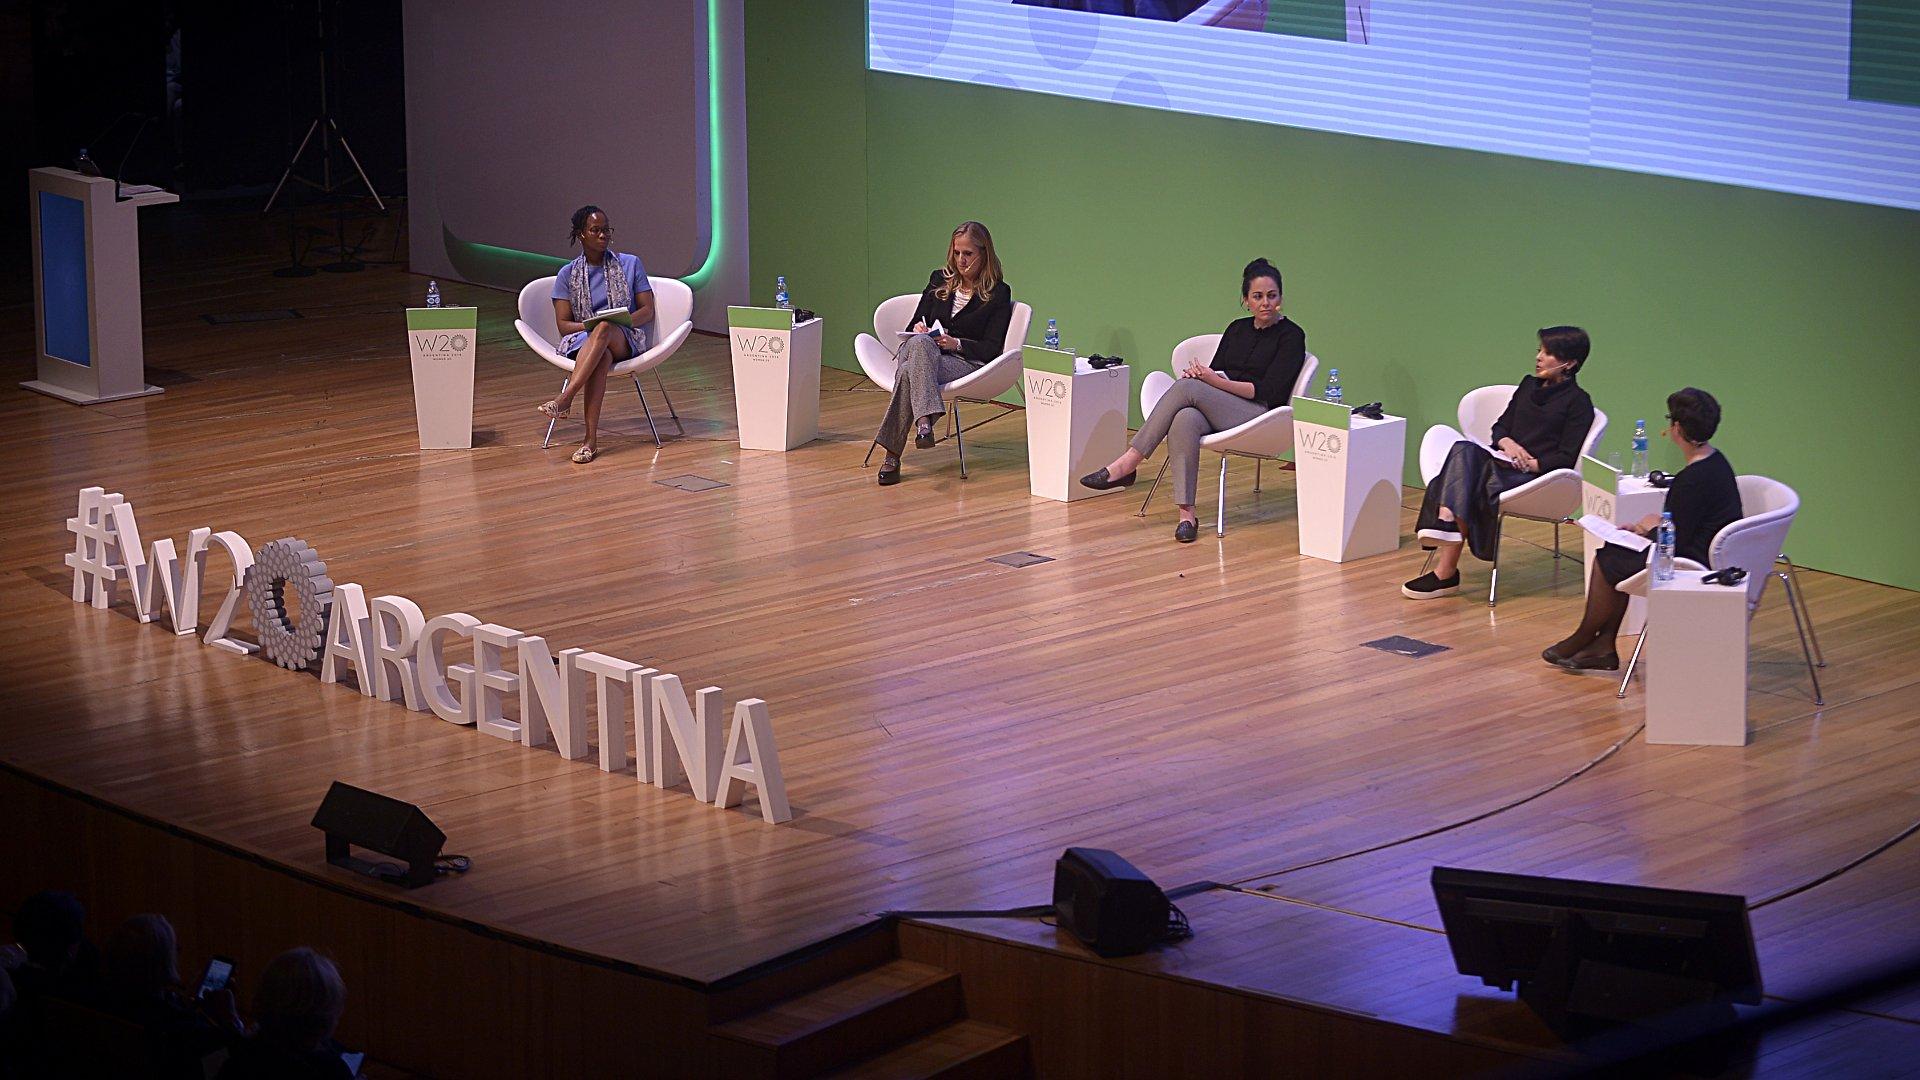 El panel de inclusión digital del W20 (Gustavo Gavotti)